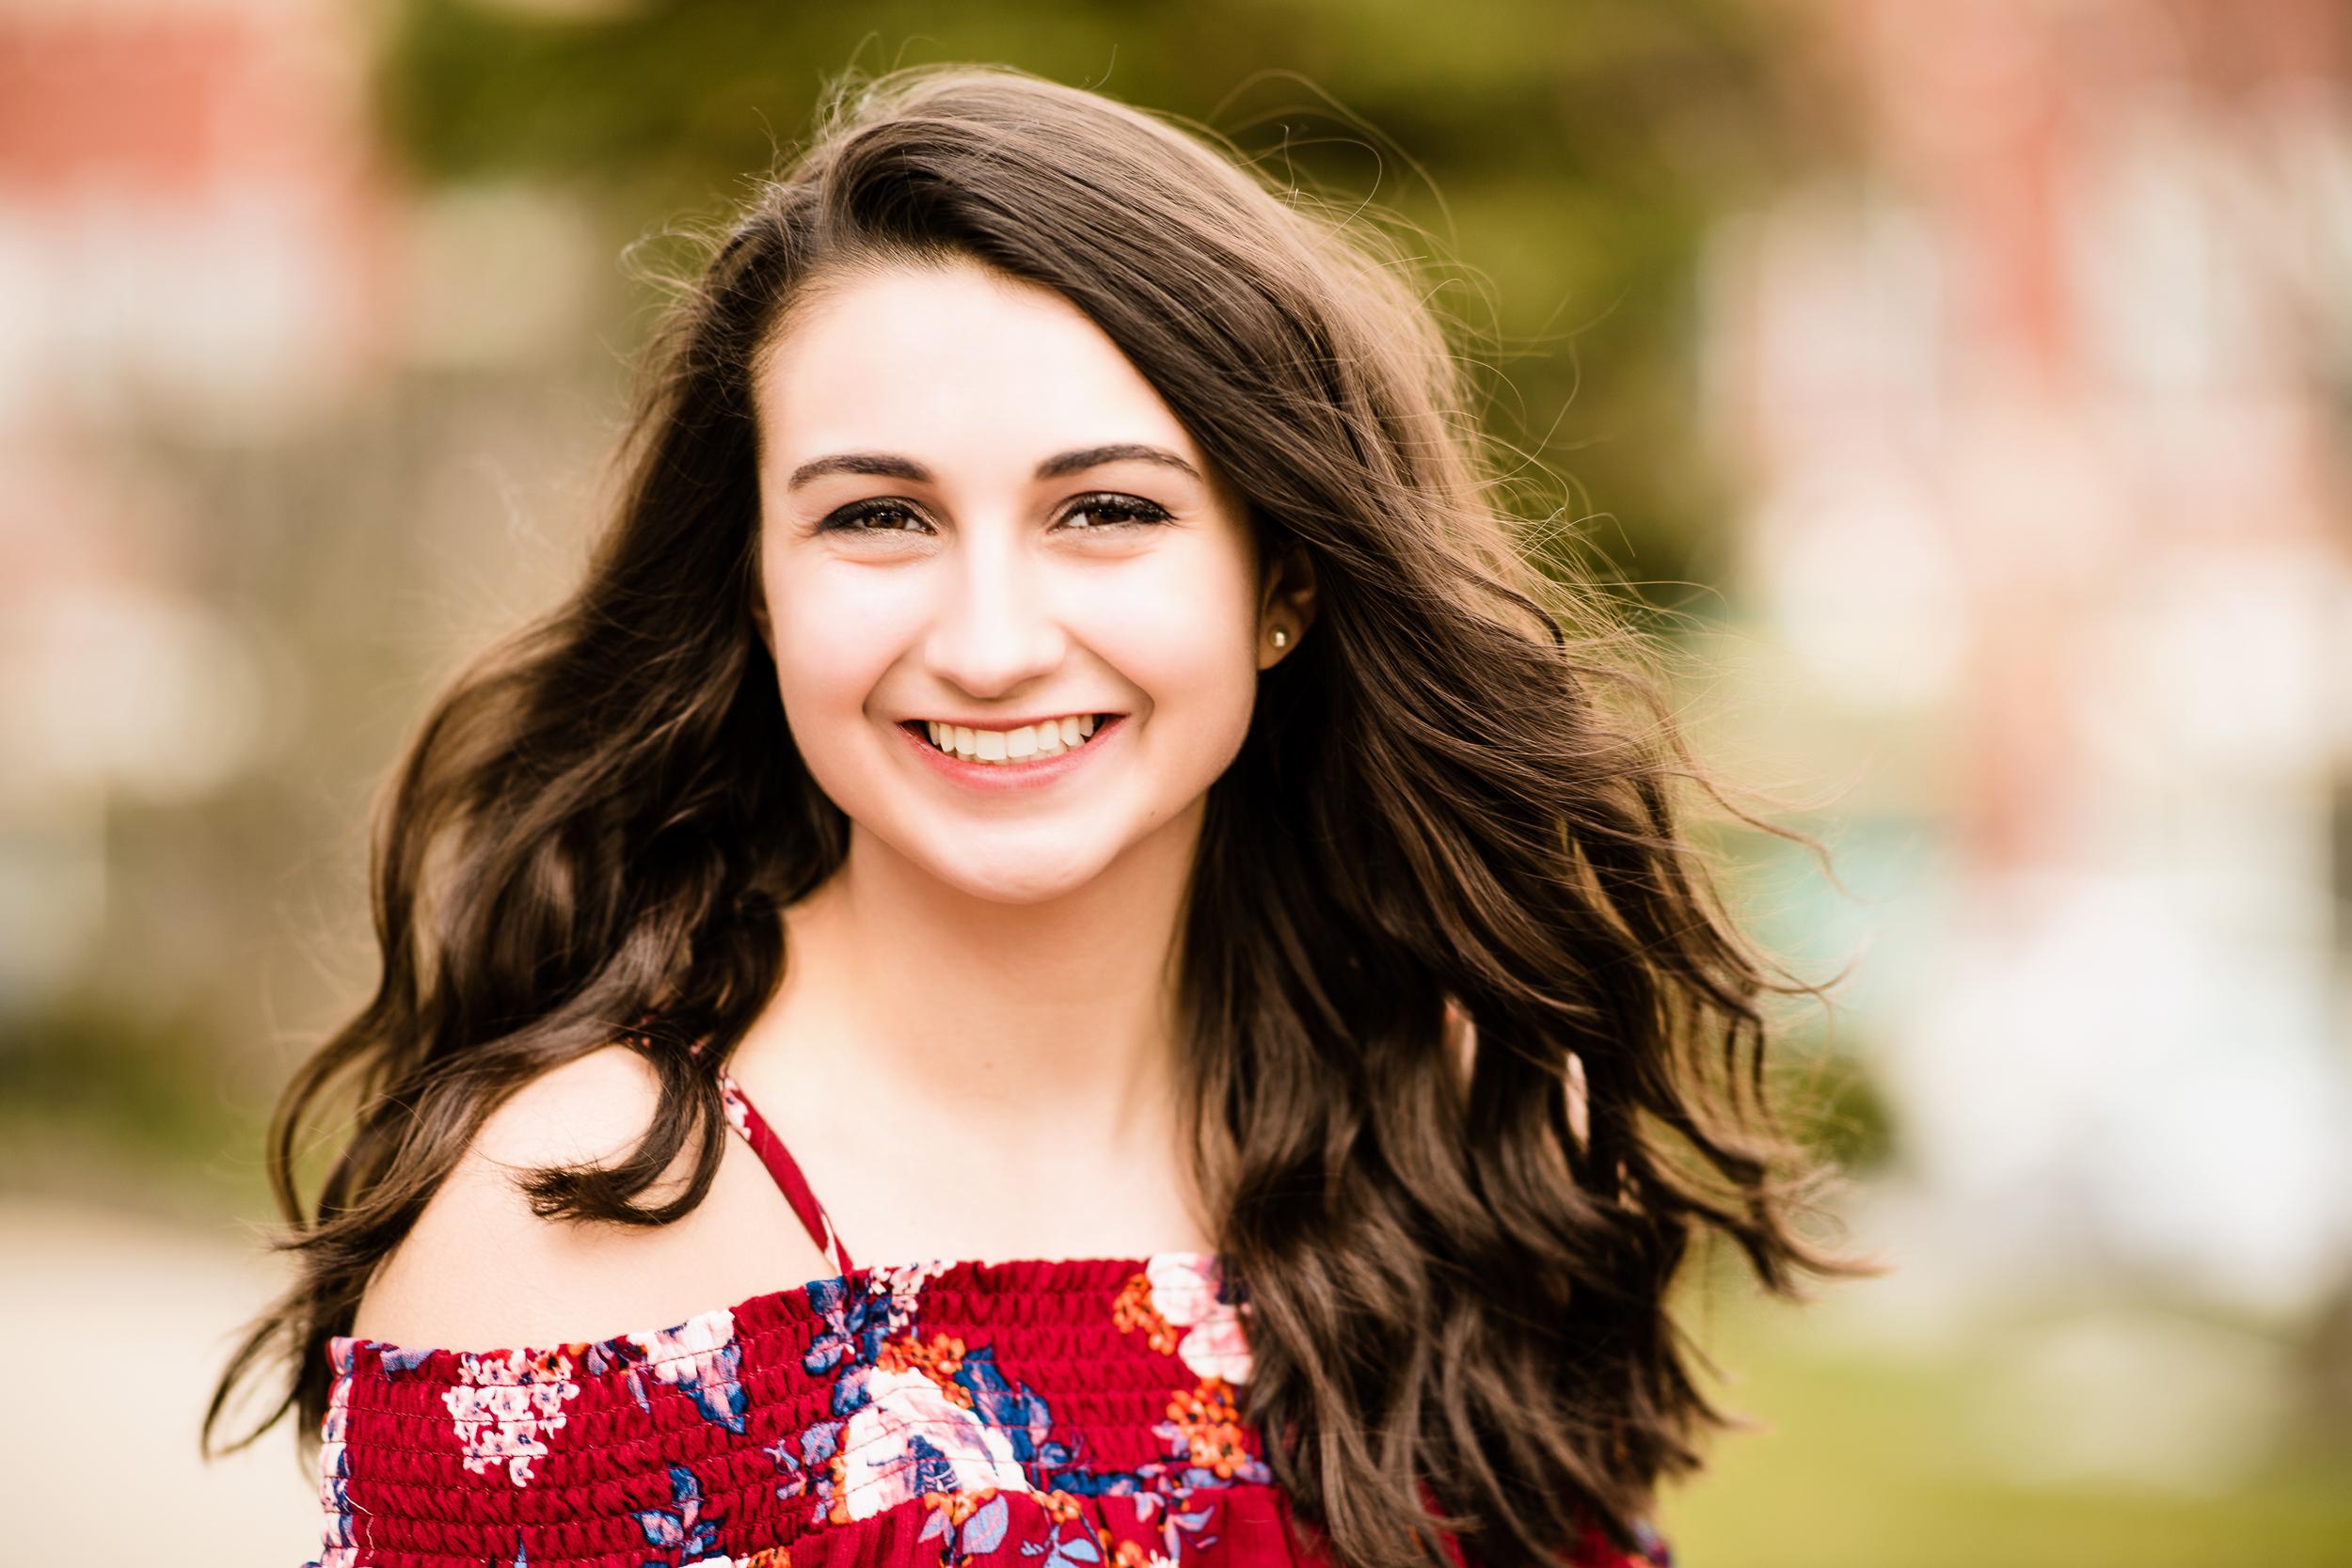 senior-girl-portrait-smile.jpg